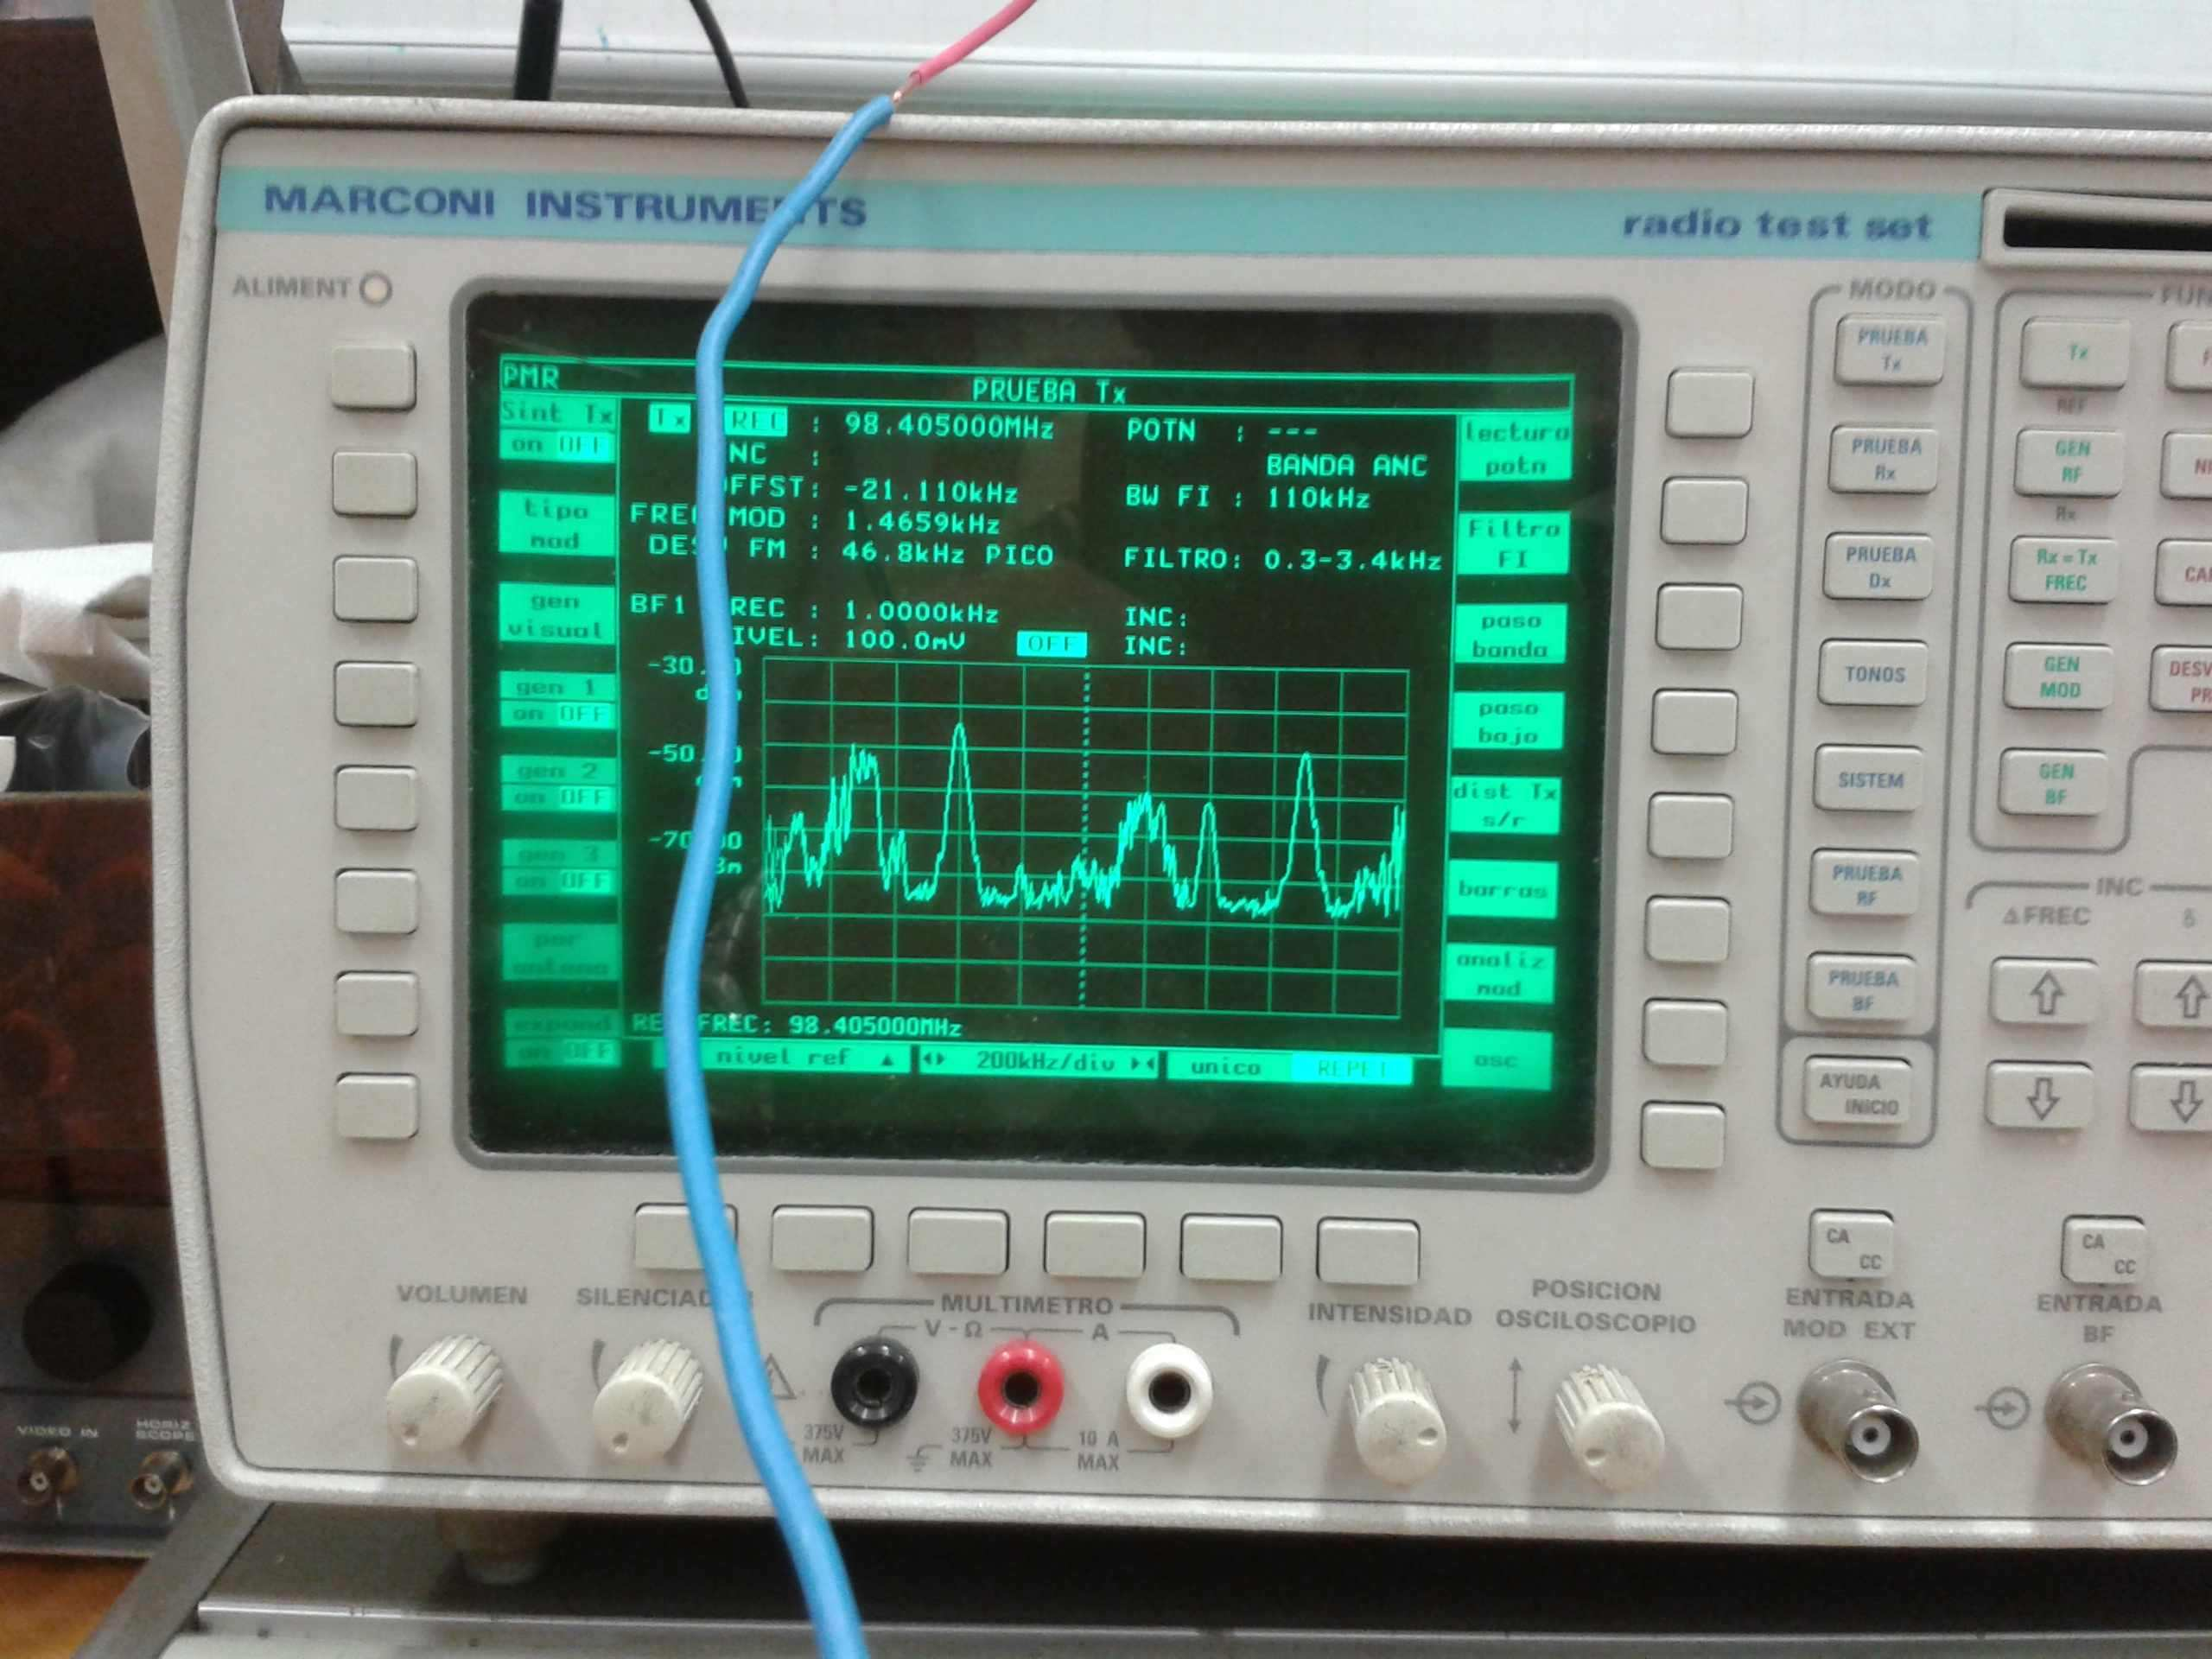 Portadoras de FM comercial en el analizador de espectros